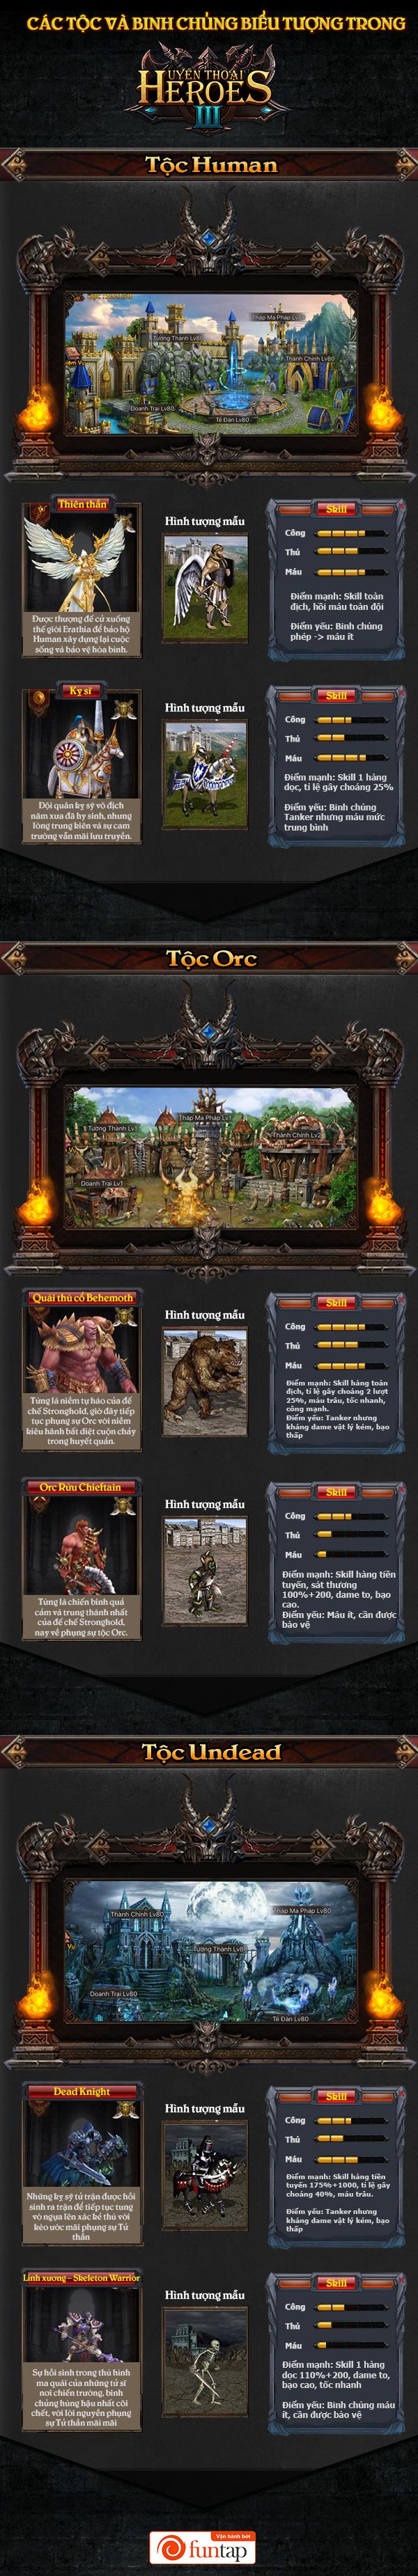 Huyền Thoại Heroes III: Infographic giới thiệu hình tượng của 3 phe 0